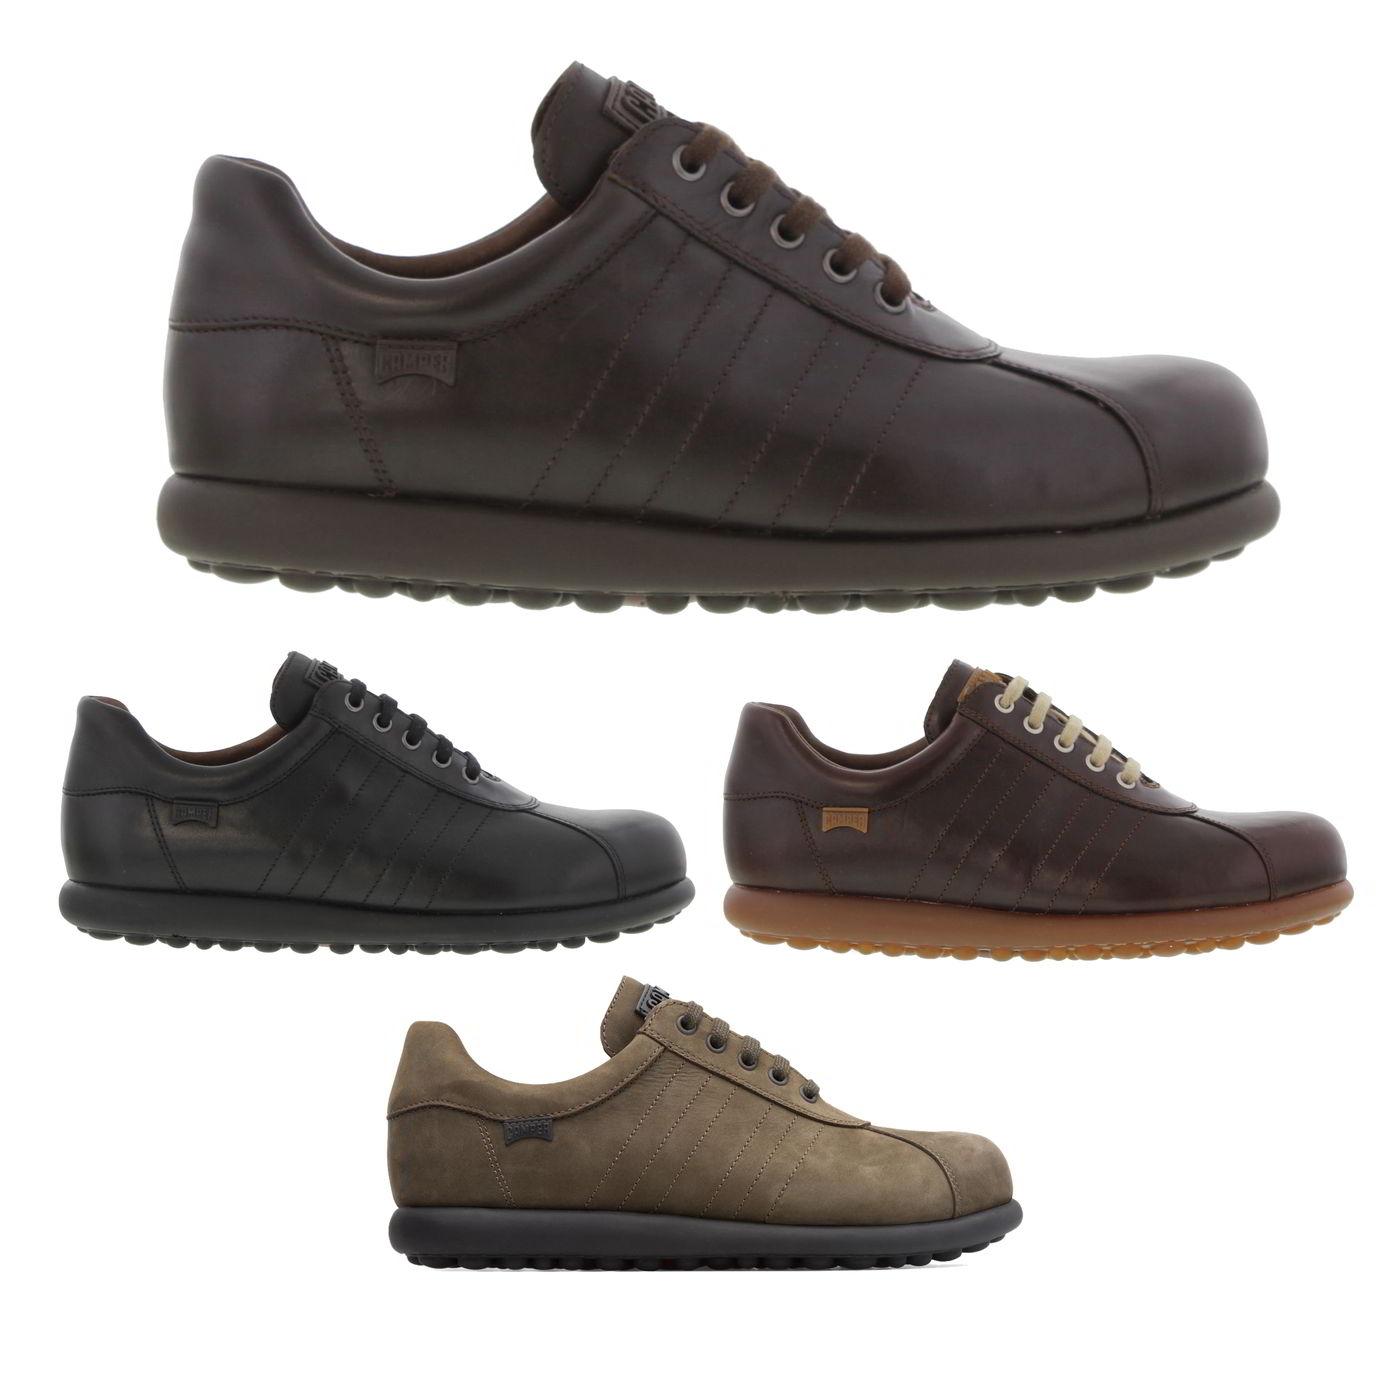 Details zu Camper Pelotas Ariel 16002 Mens Brown Black Leather Shoes Trainers Size 8 12